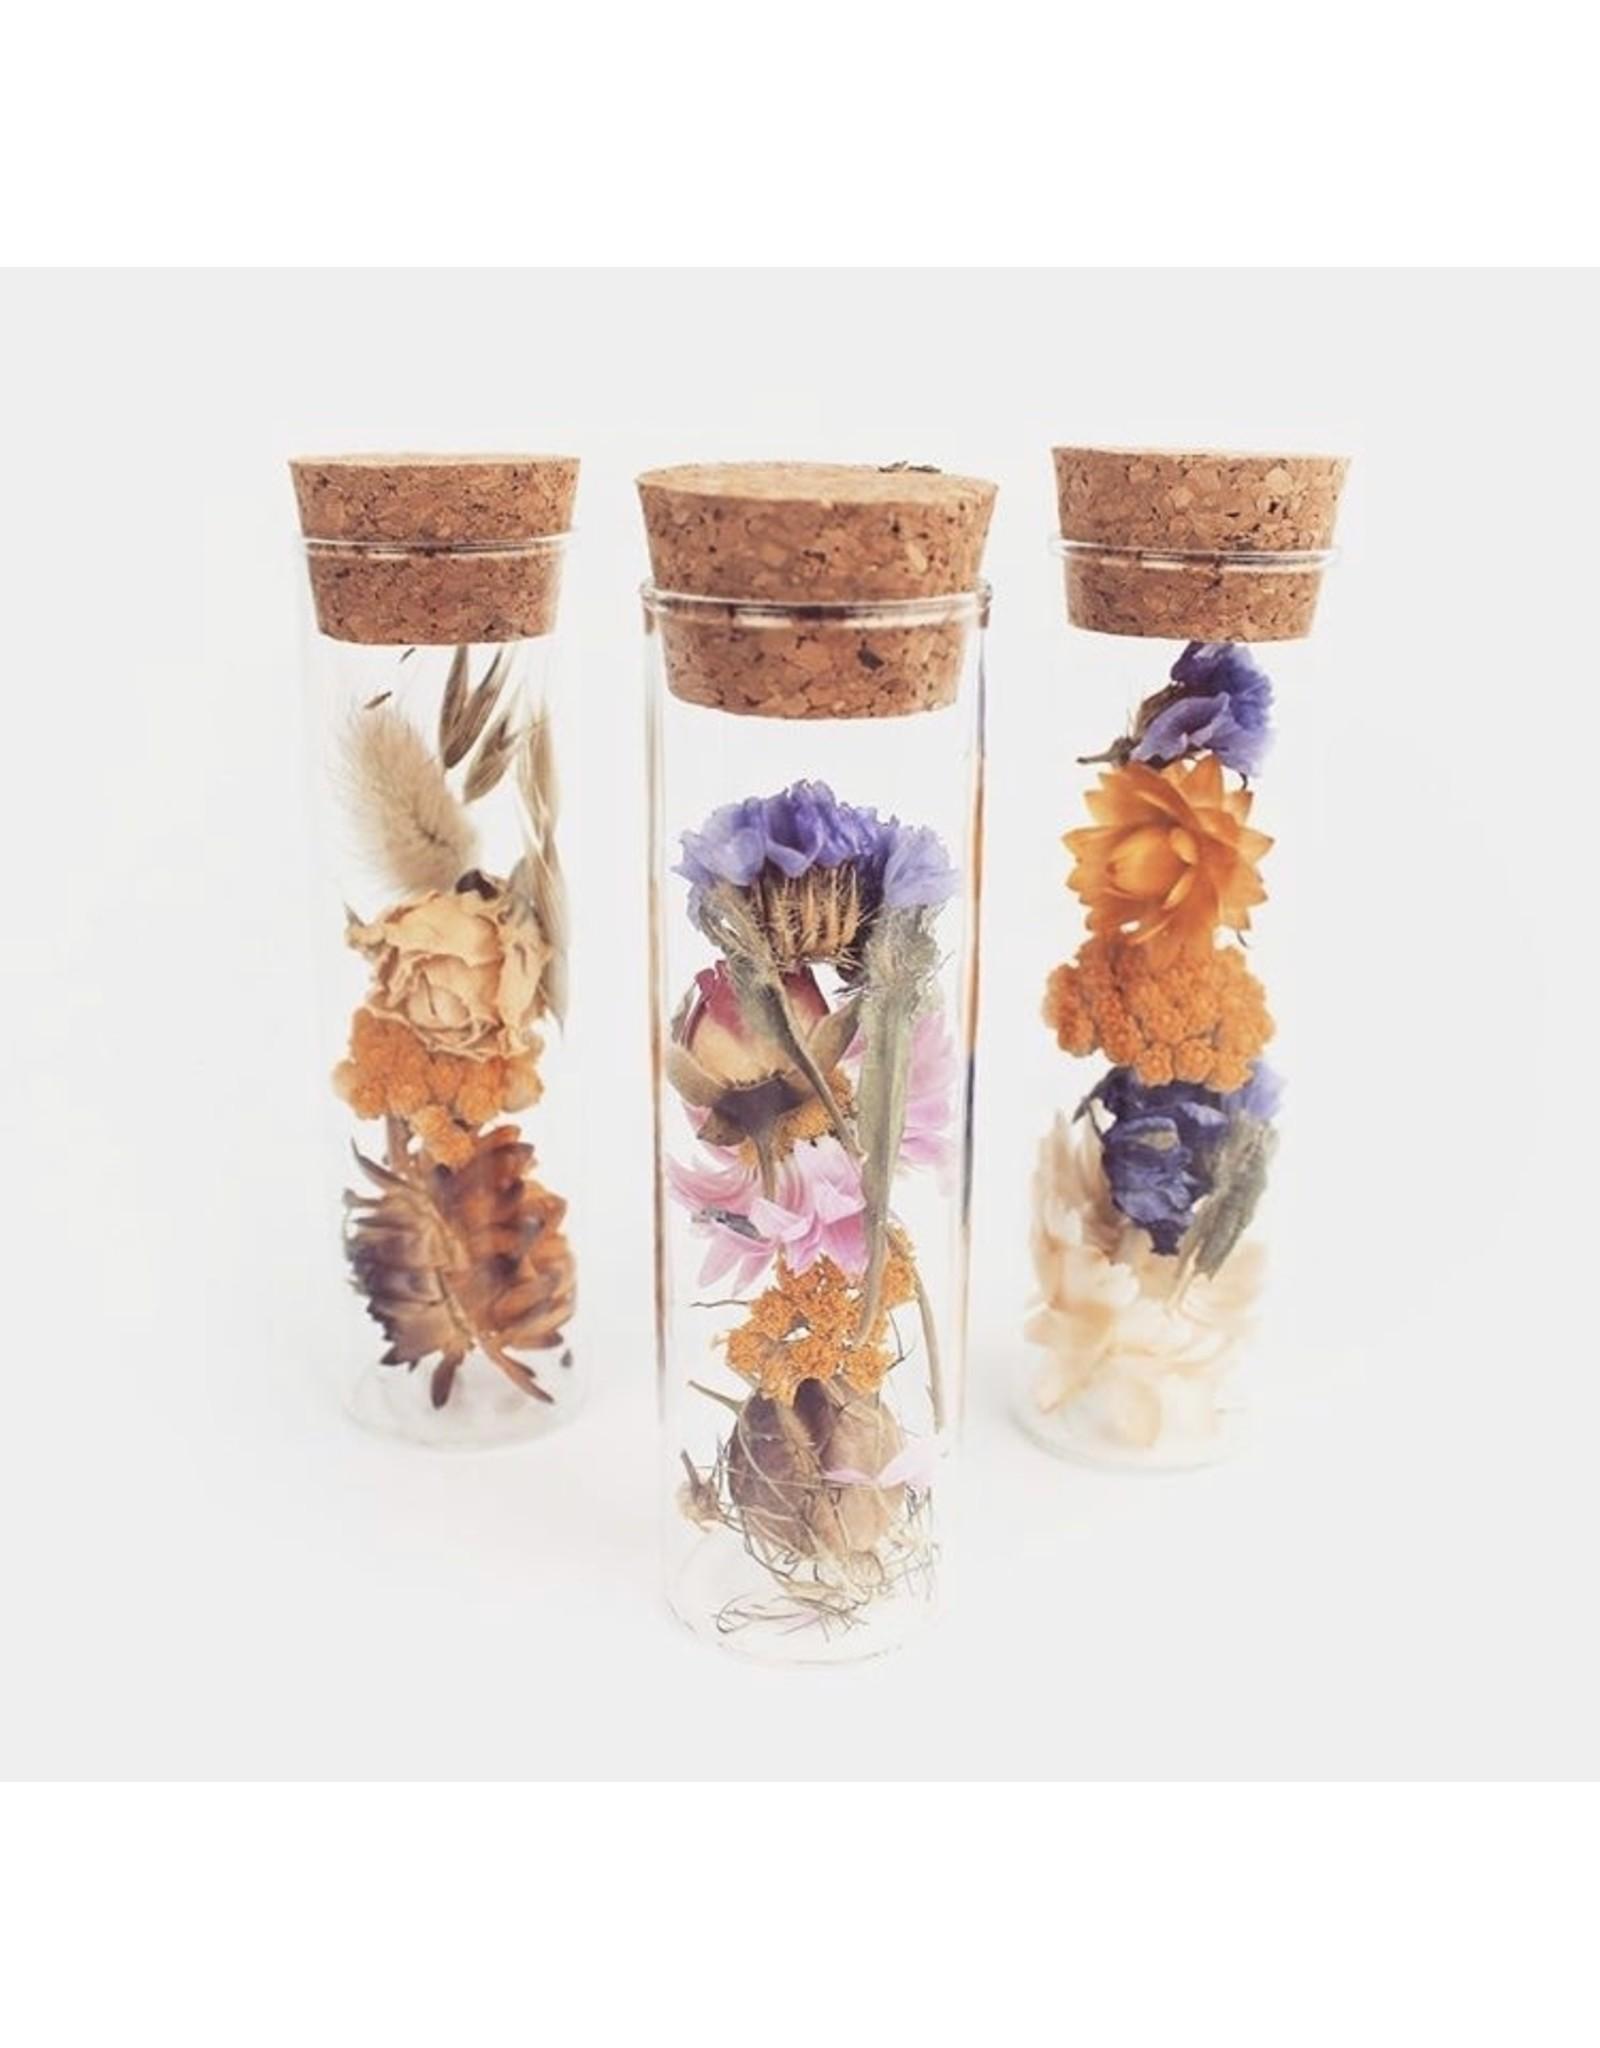 Wildflowers by floriette Droogbloemen - Mini wish bottle